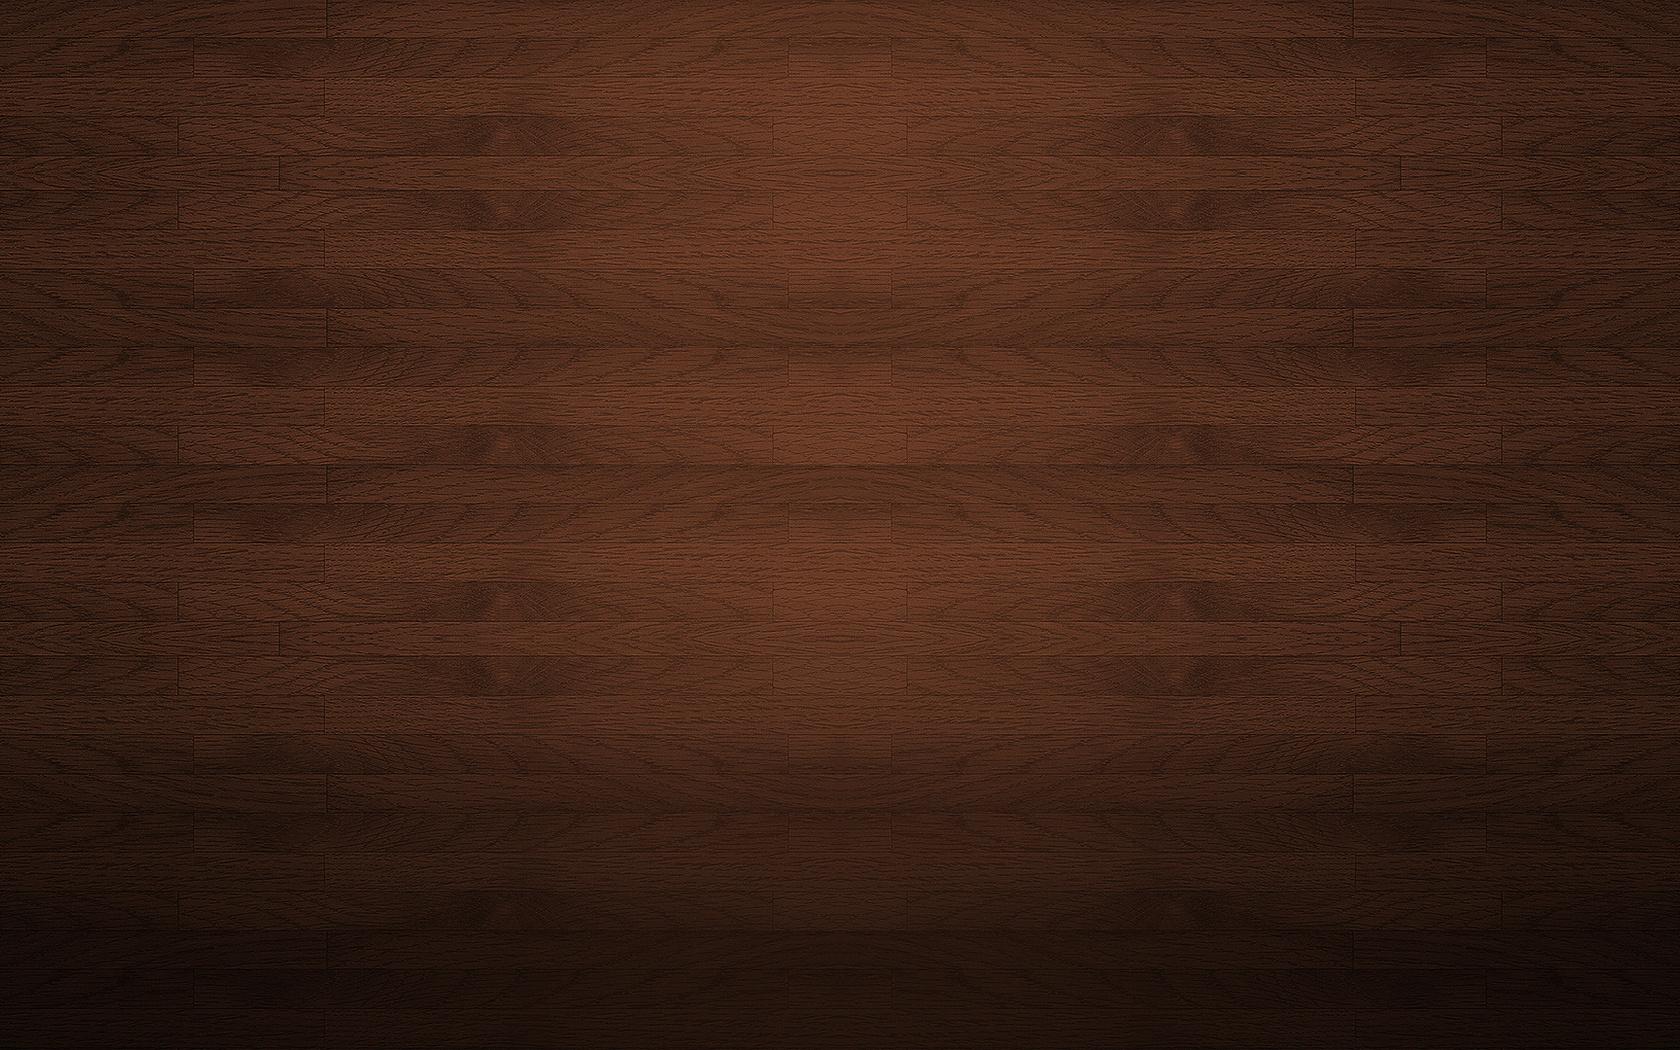 Фоновые картинки коричневые